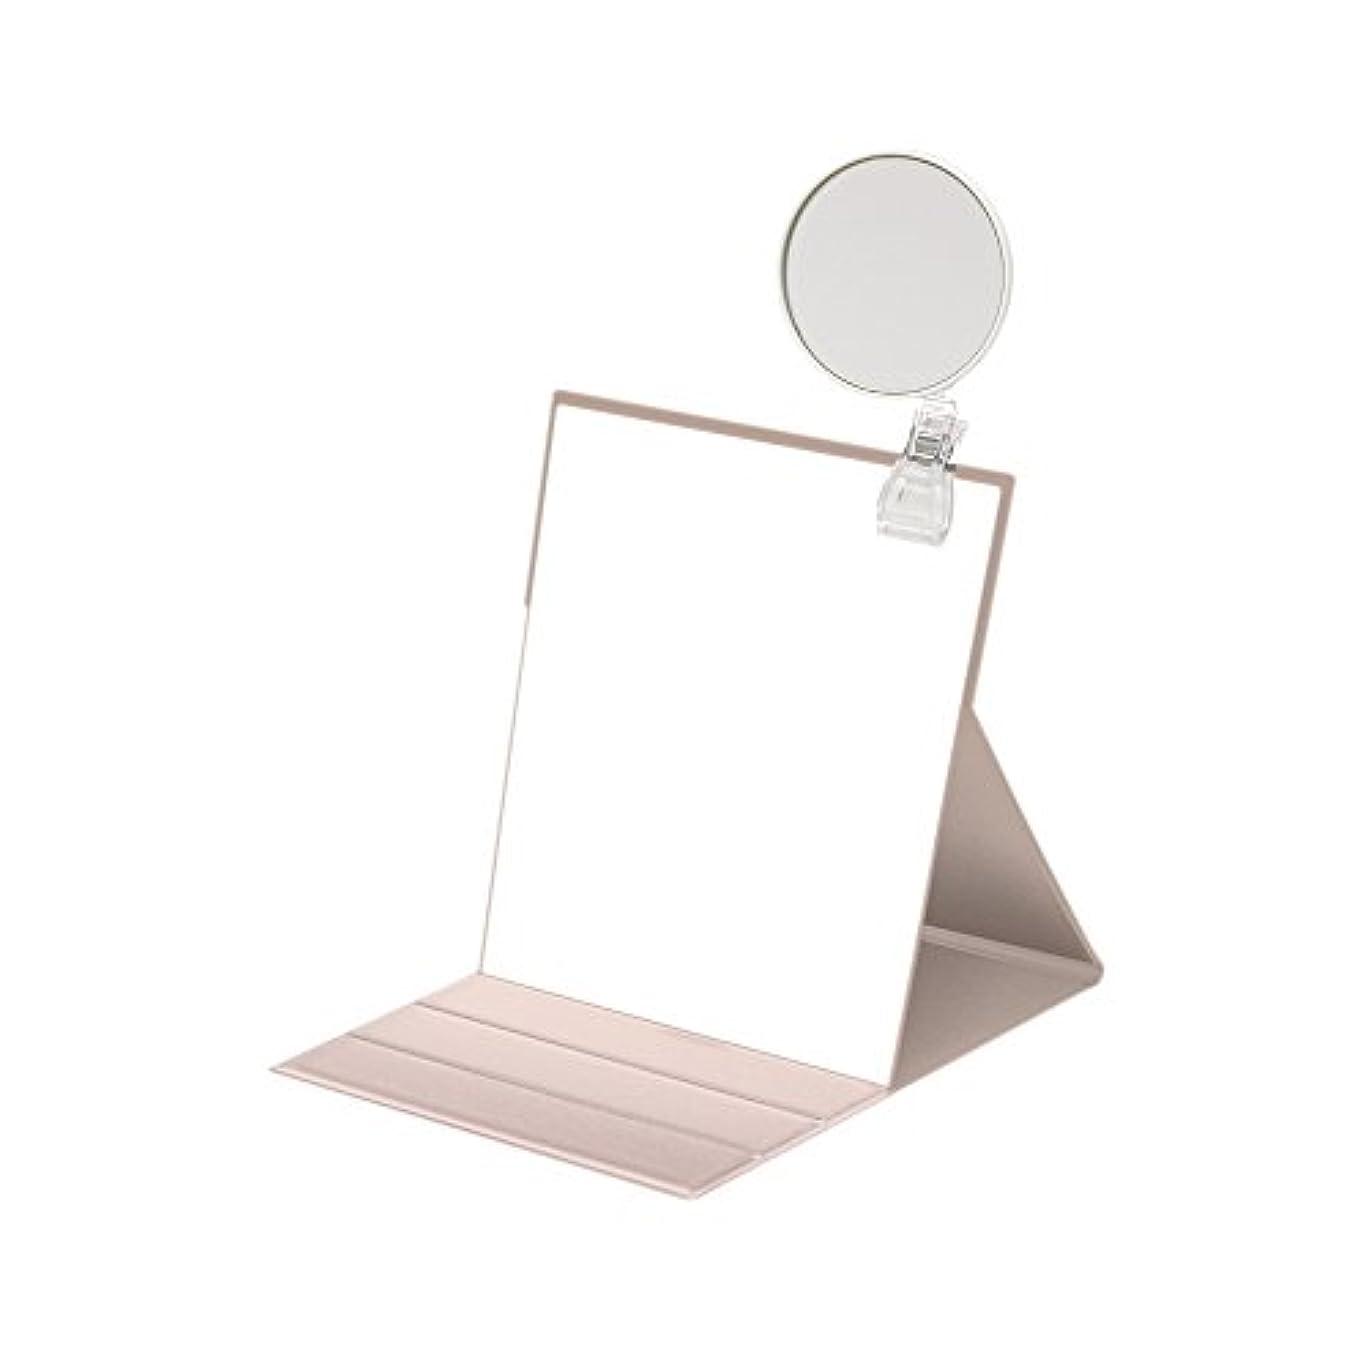 家畜野なラメナピュアミラー 5倍拡大鏡付きプロモデル折立ナピュアミラーL ピンクゴールド HP-35×5